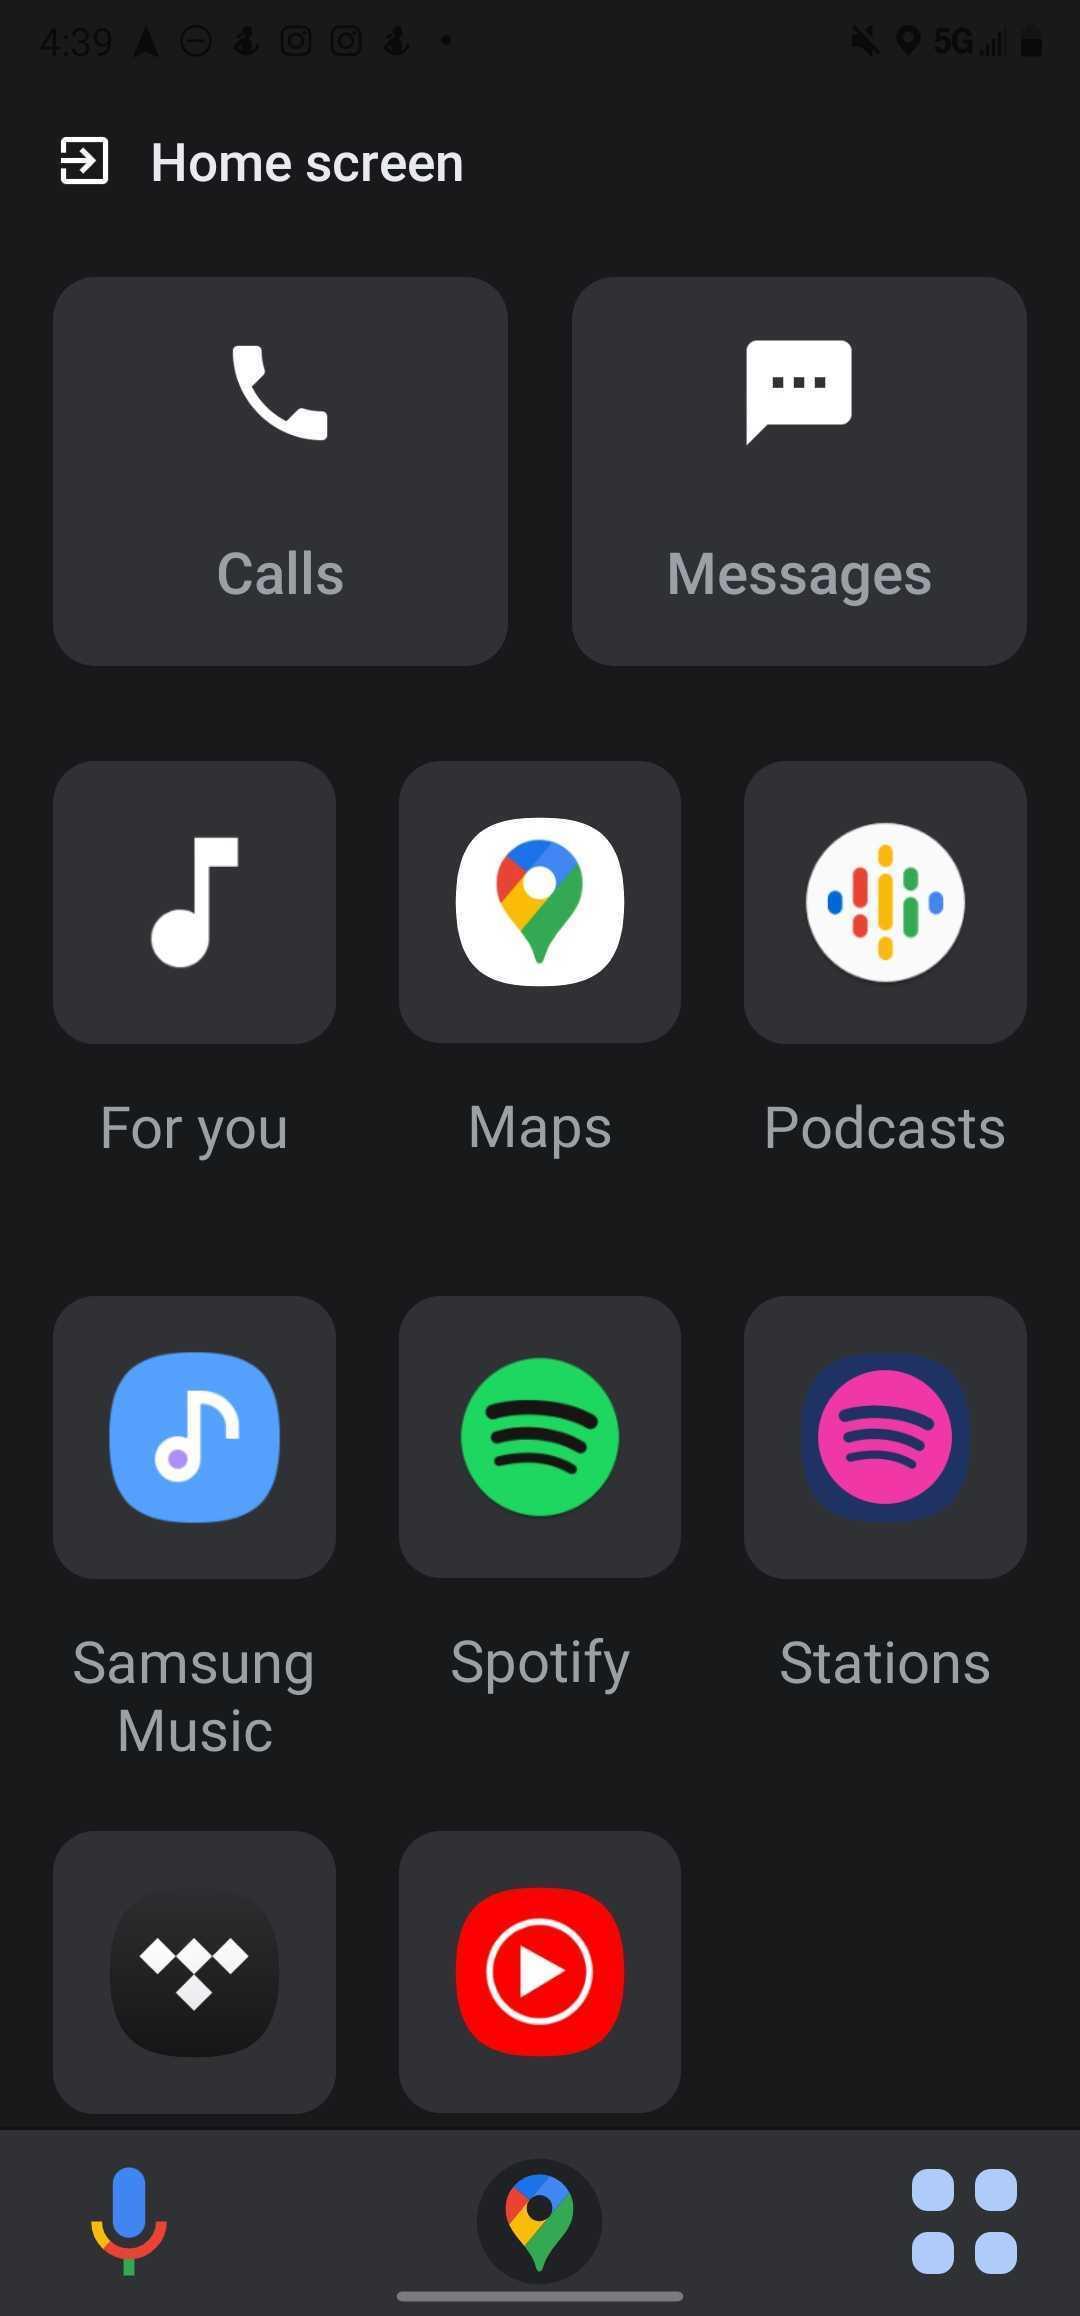 Google Maps androidpolice.com